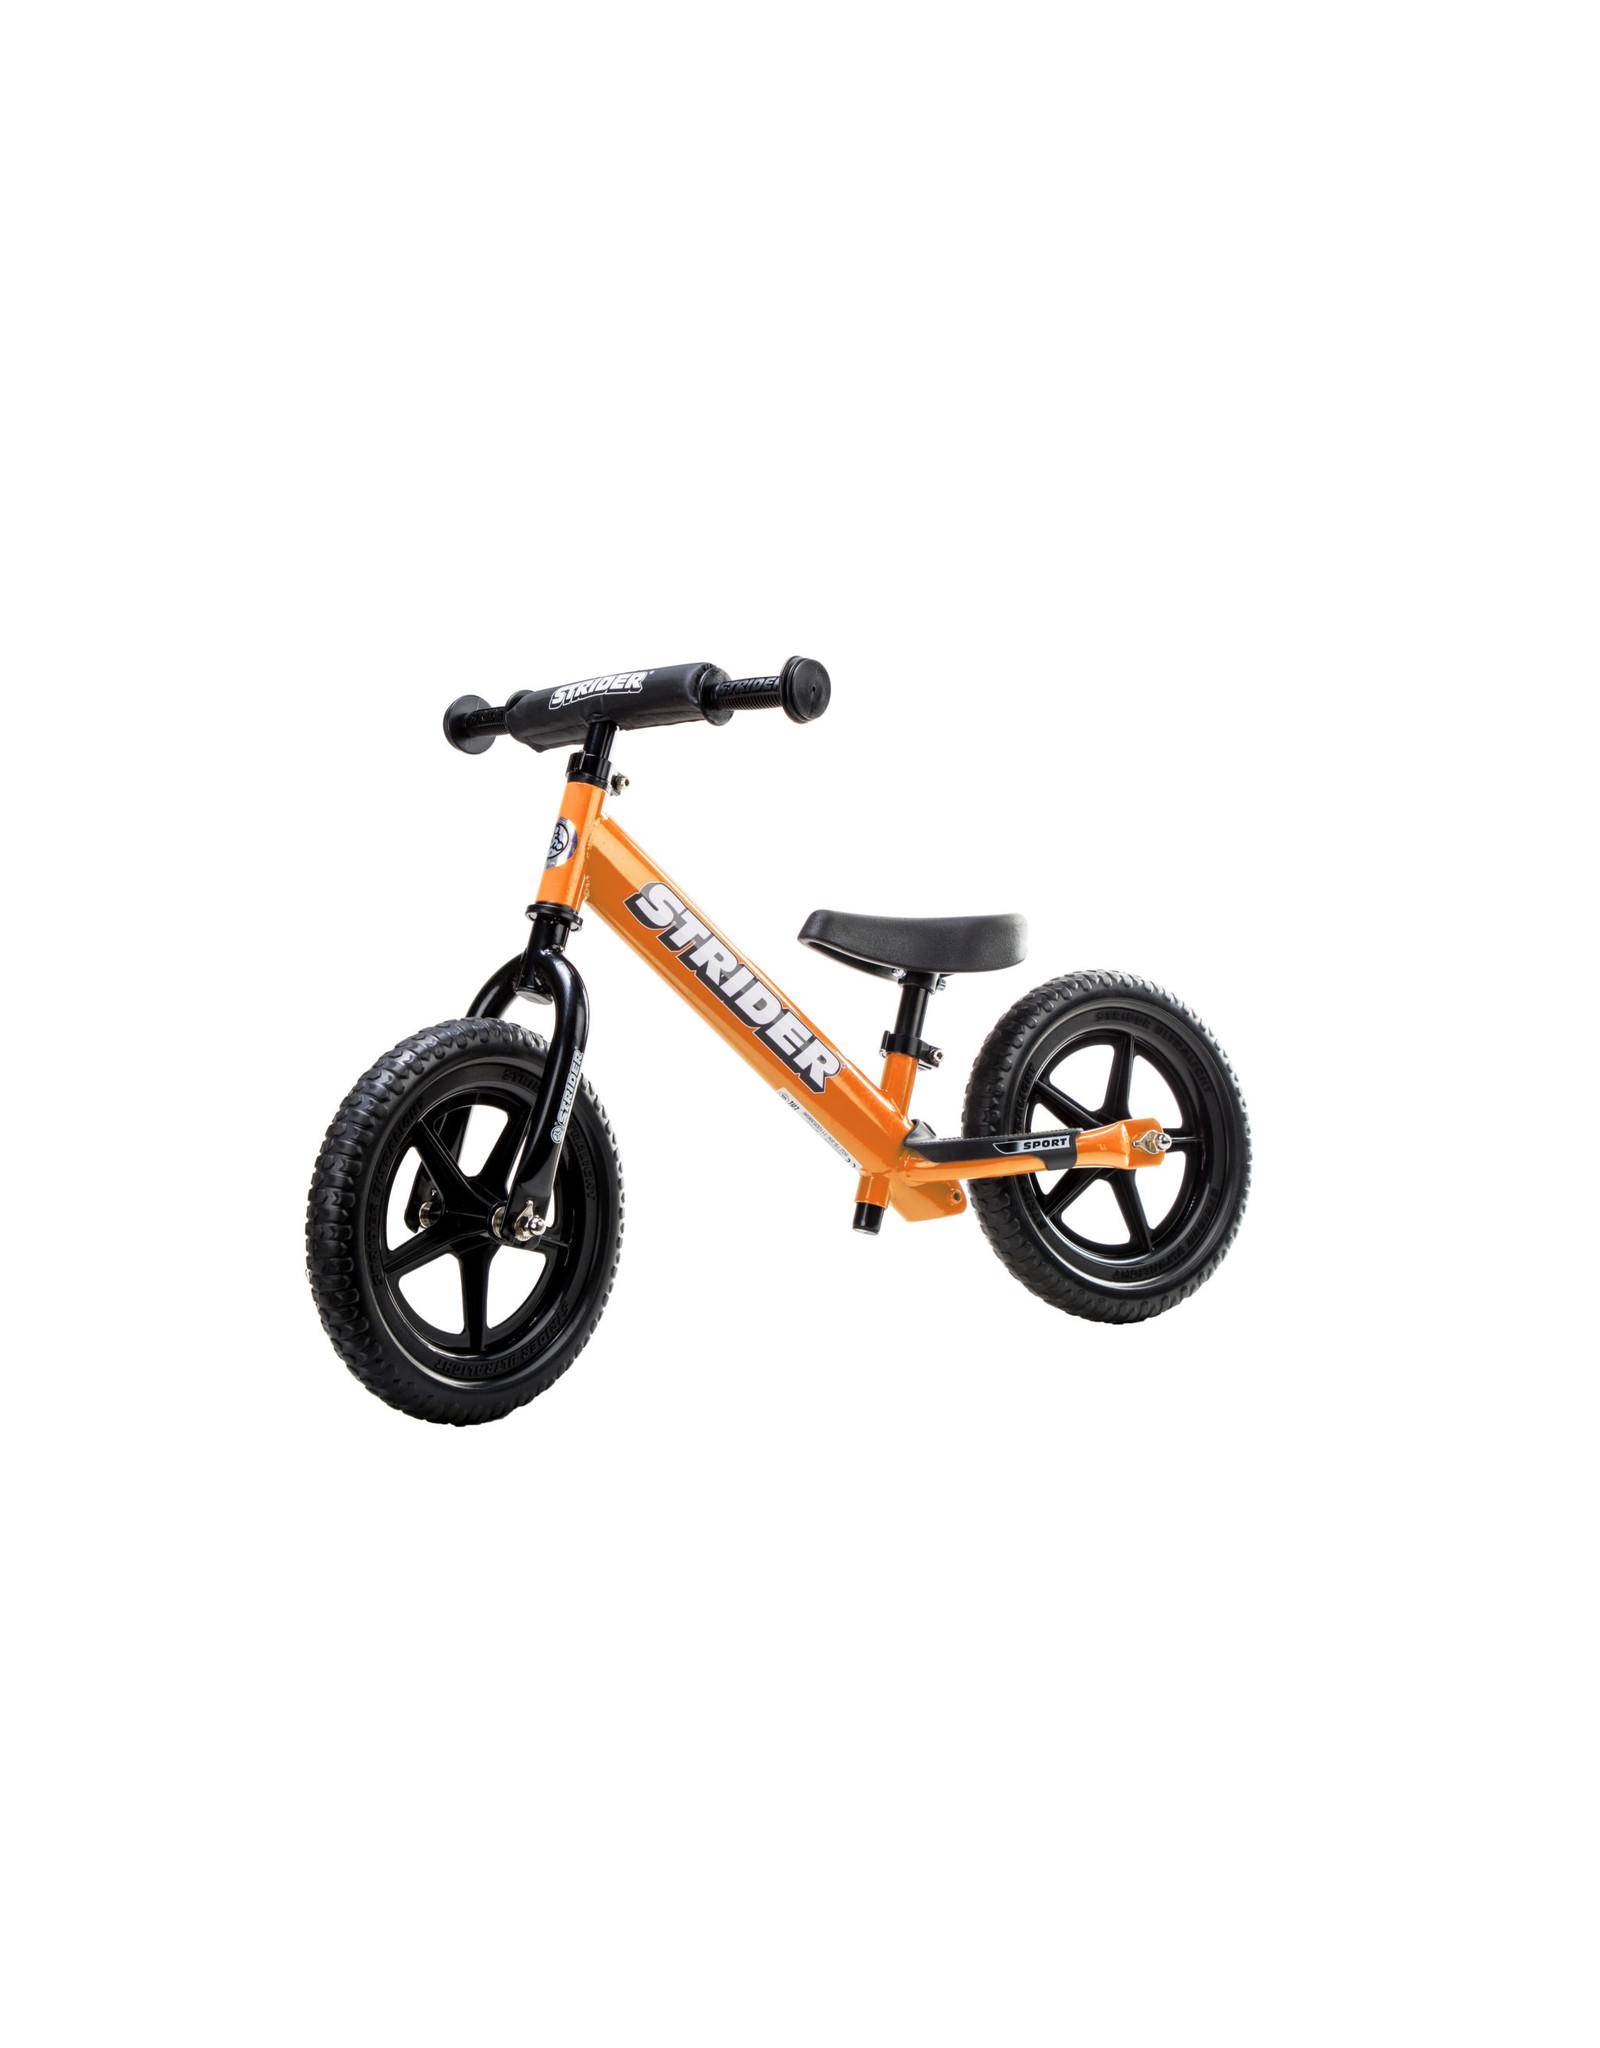 Strider STRIDER® 12 Sport Balance Bike